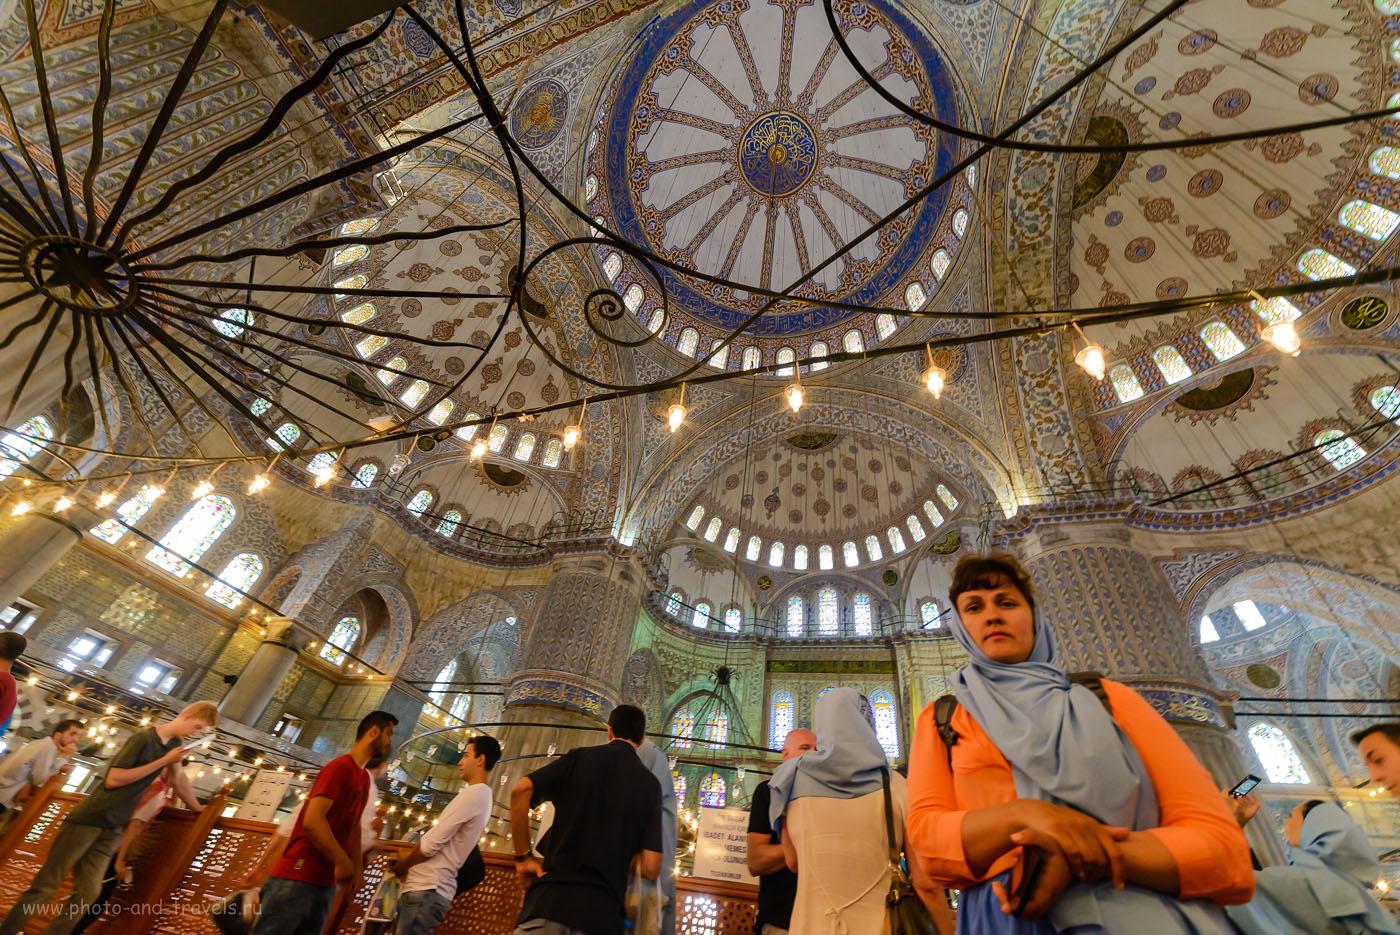 Фото 33. Купола в мечети Султанахмет (Голубая мечеть) в Стамбуле. Отзыв о самостоятельной экскурсии. 1/30, +0.67, 8.0, 4000, 14.